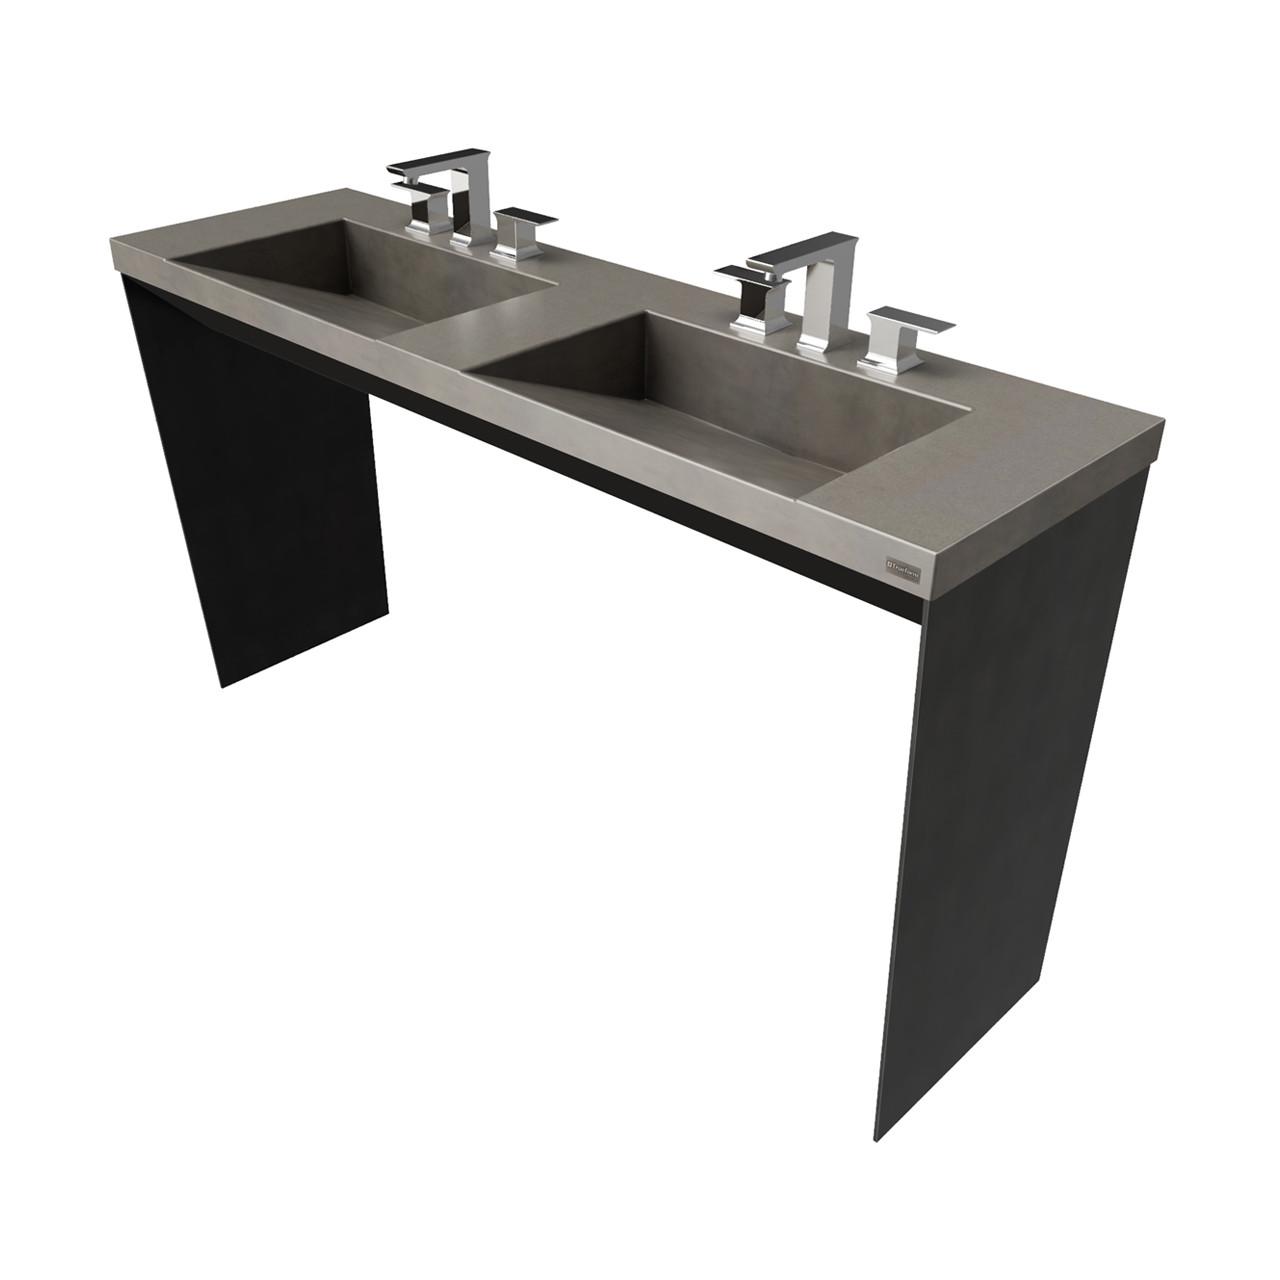 62 Contempo Vanity With Double Concrete Ramp Sinks Trueform Concrete